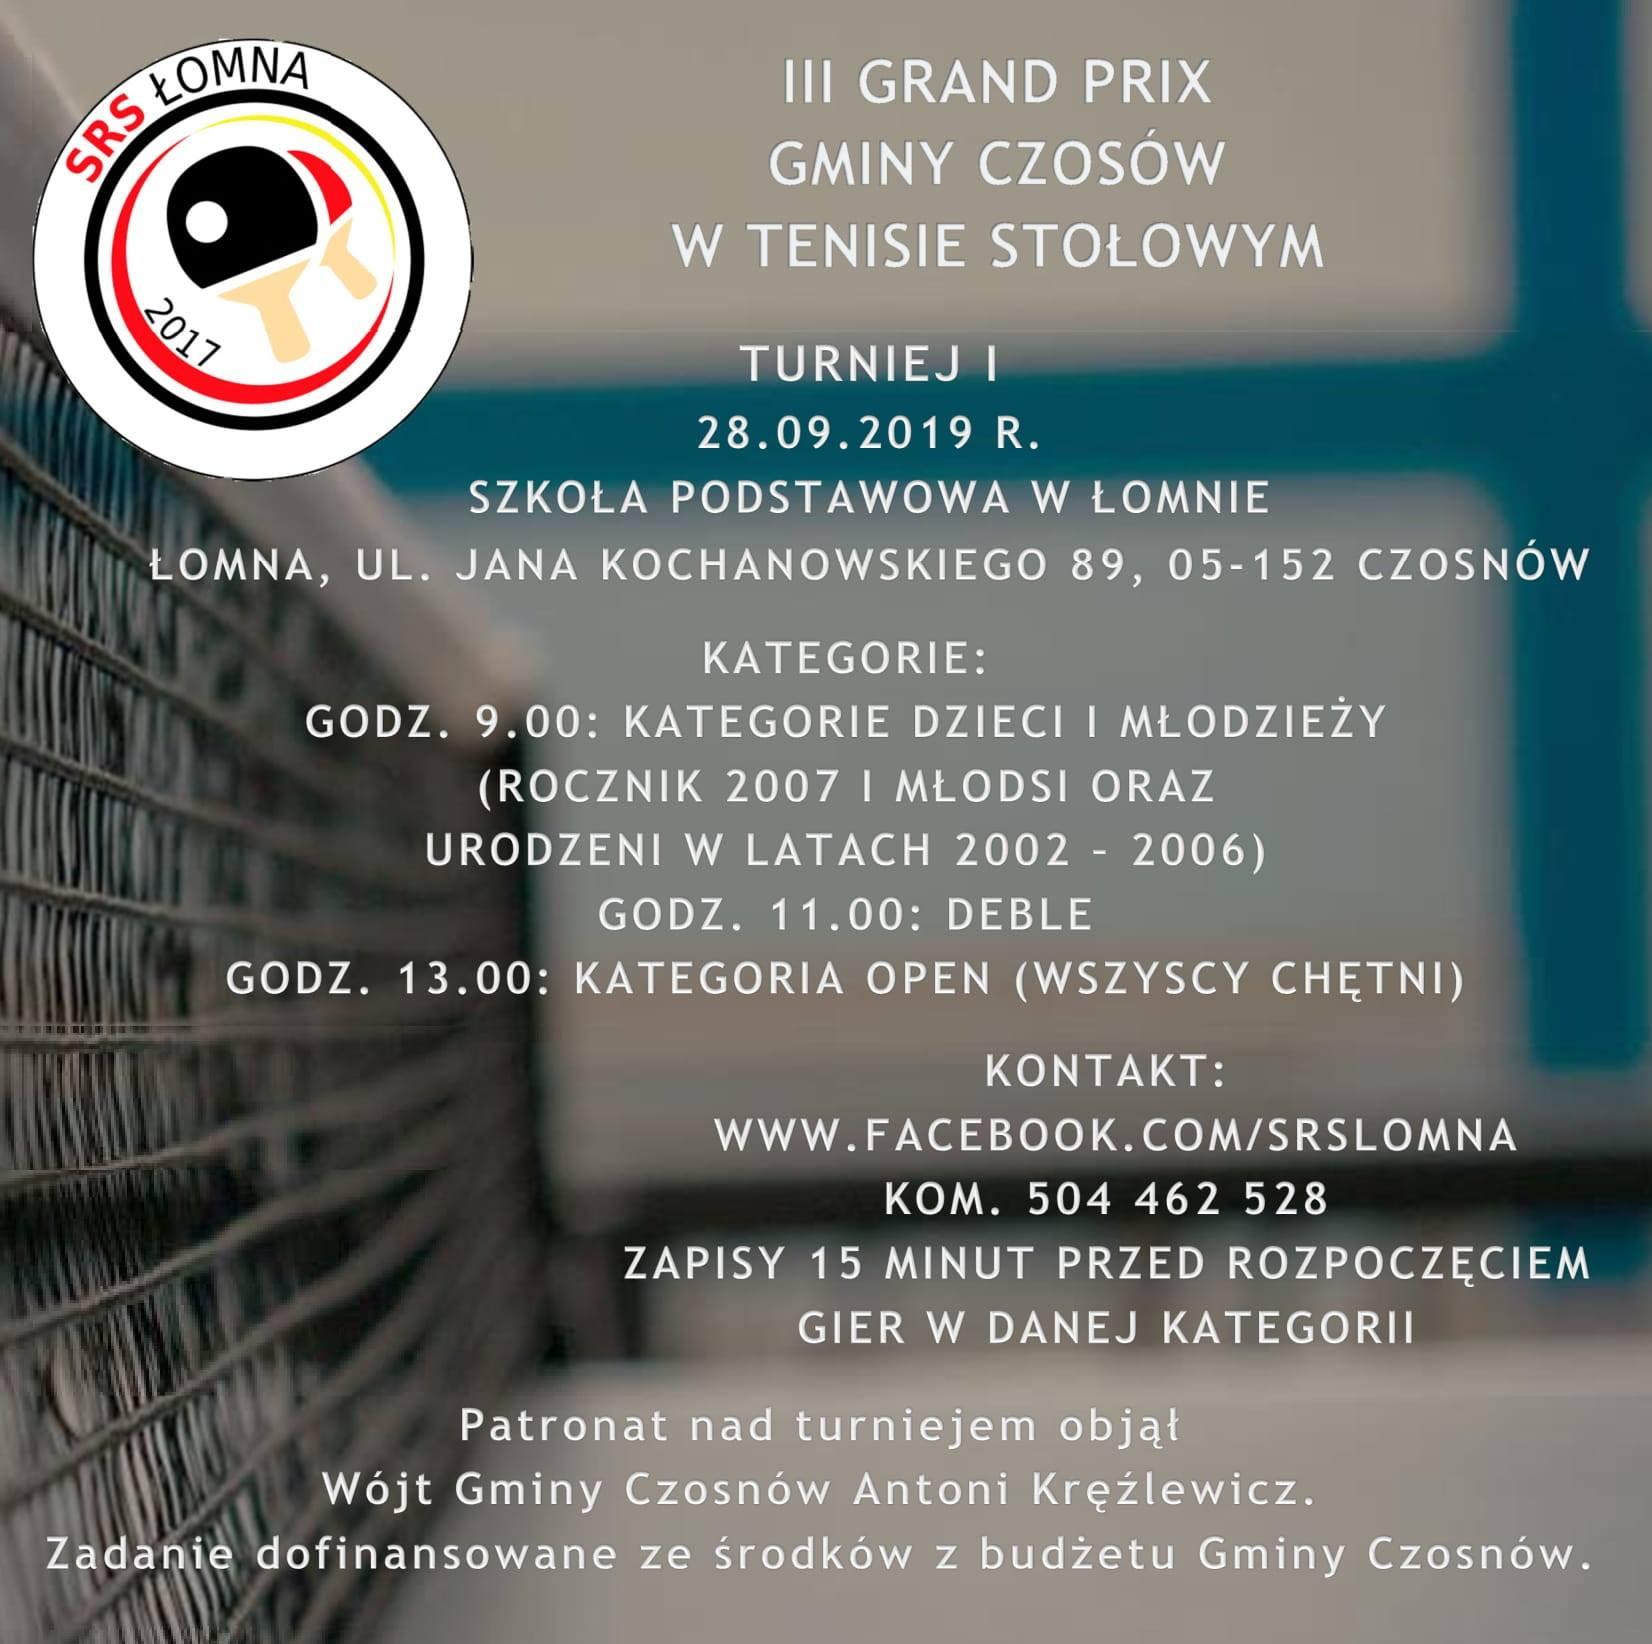 Plakat turnieju III Grand Prix Gminy Czosnów w Tenisie Stołowym - 9 Turniej